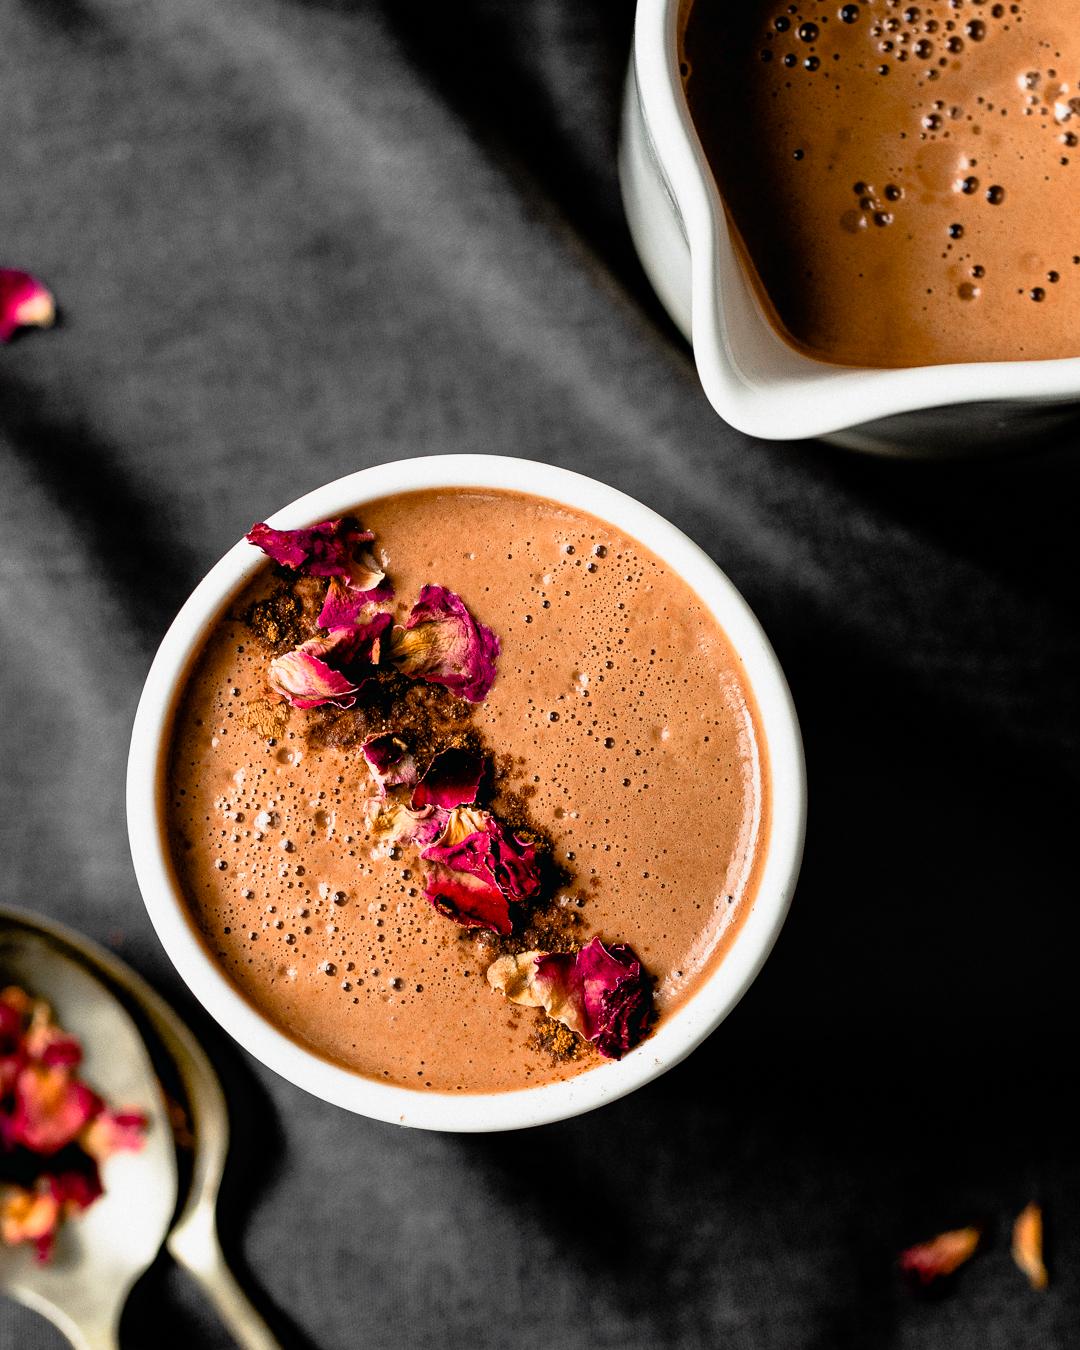 Bulletproof_Cinnamon_Hot_Chocolate_by_Jordan_Pie_Nutritionist_Photographer-2.jpg